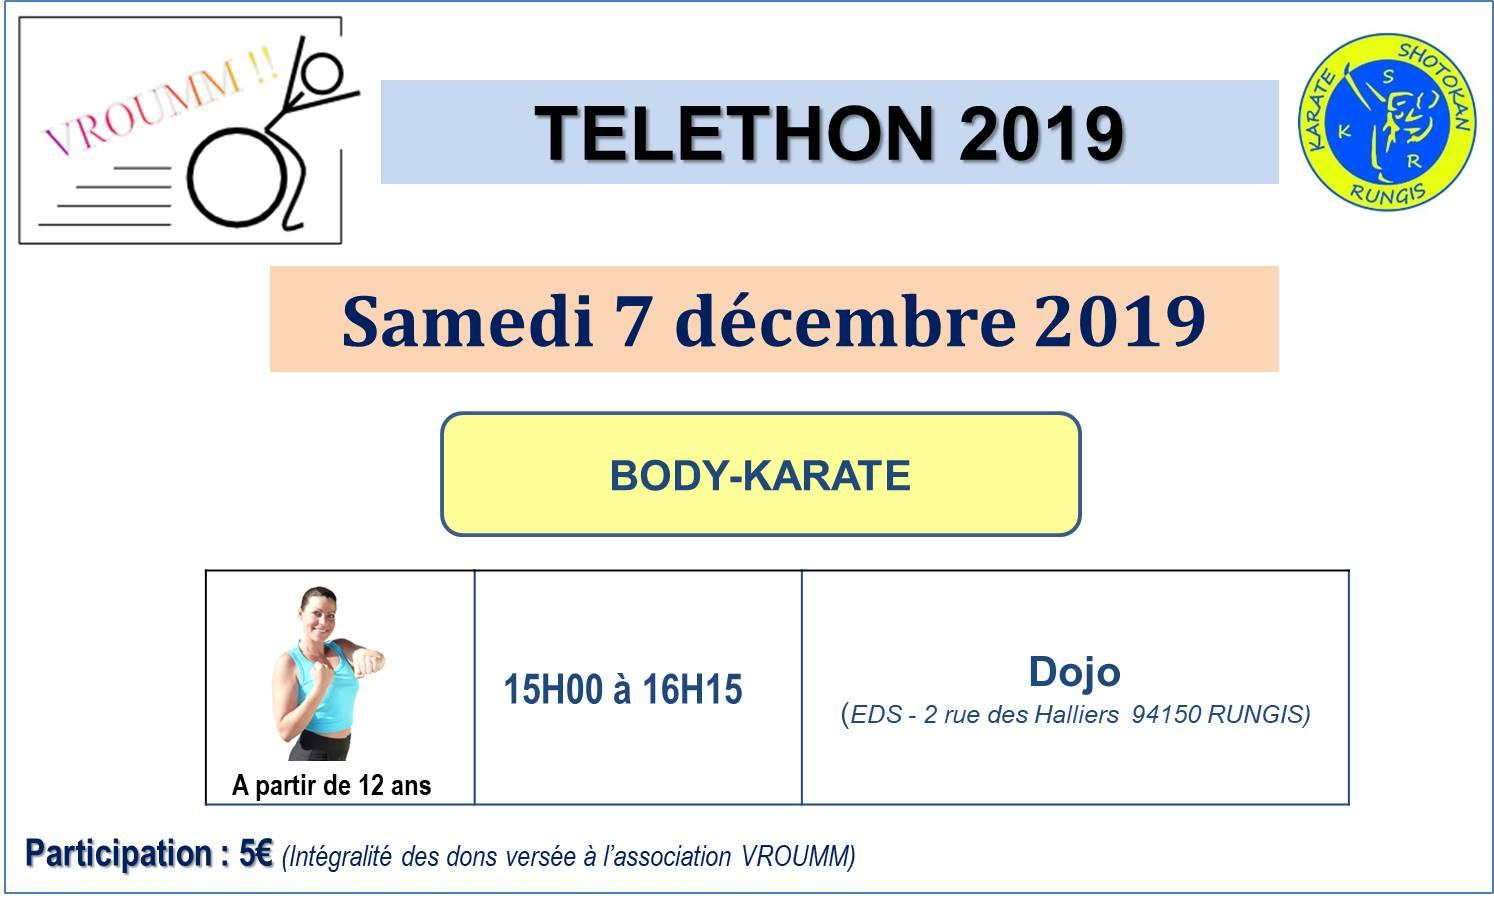 Ksr telethon 2019